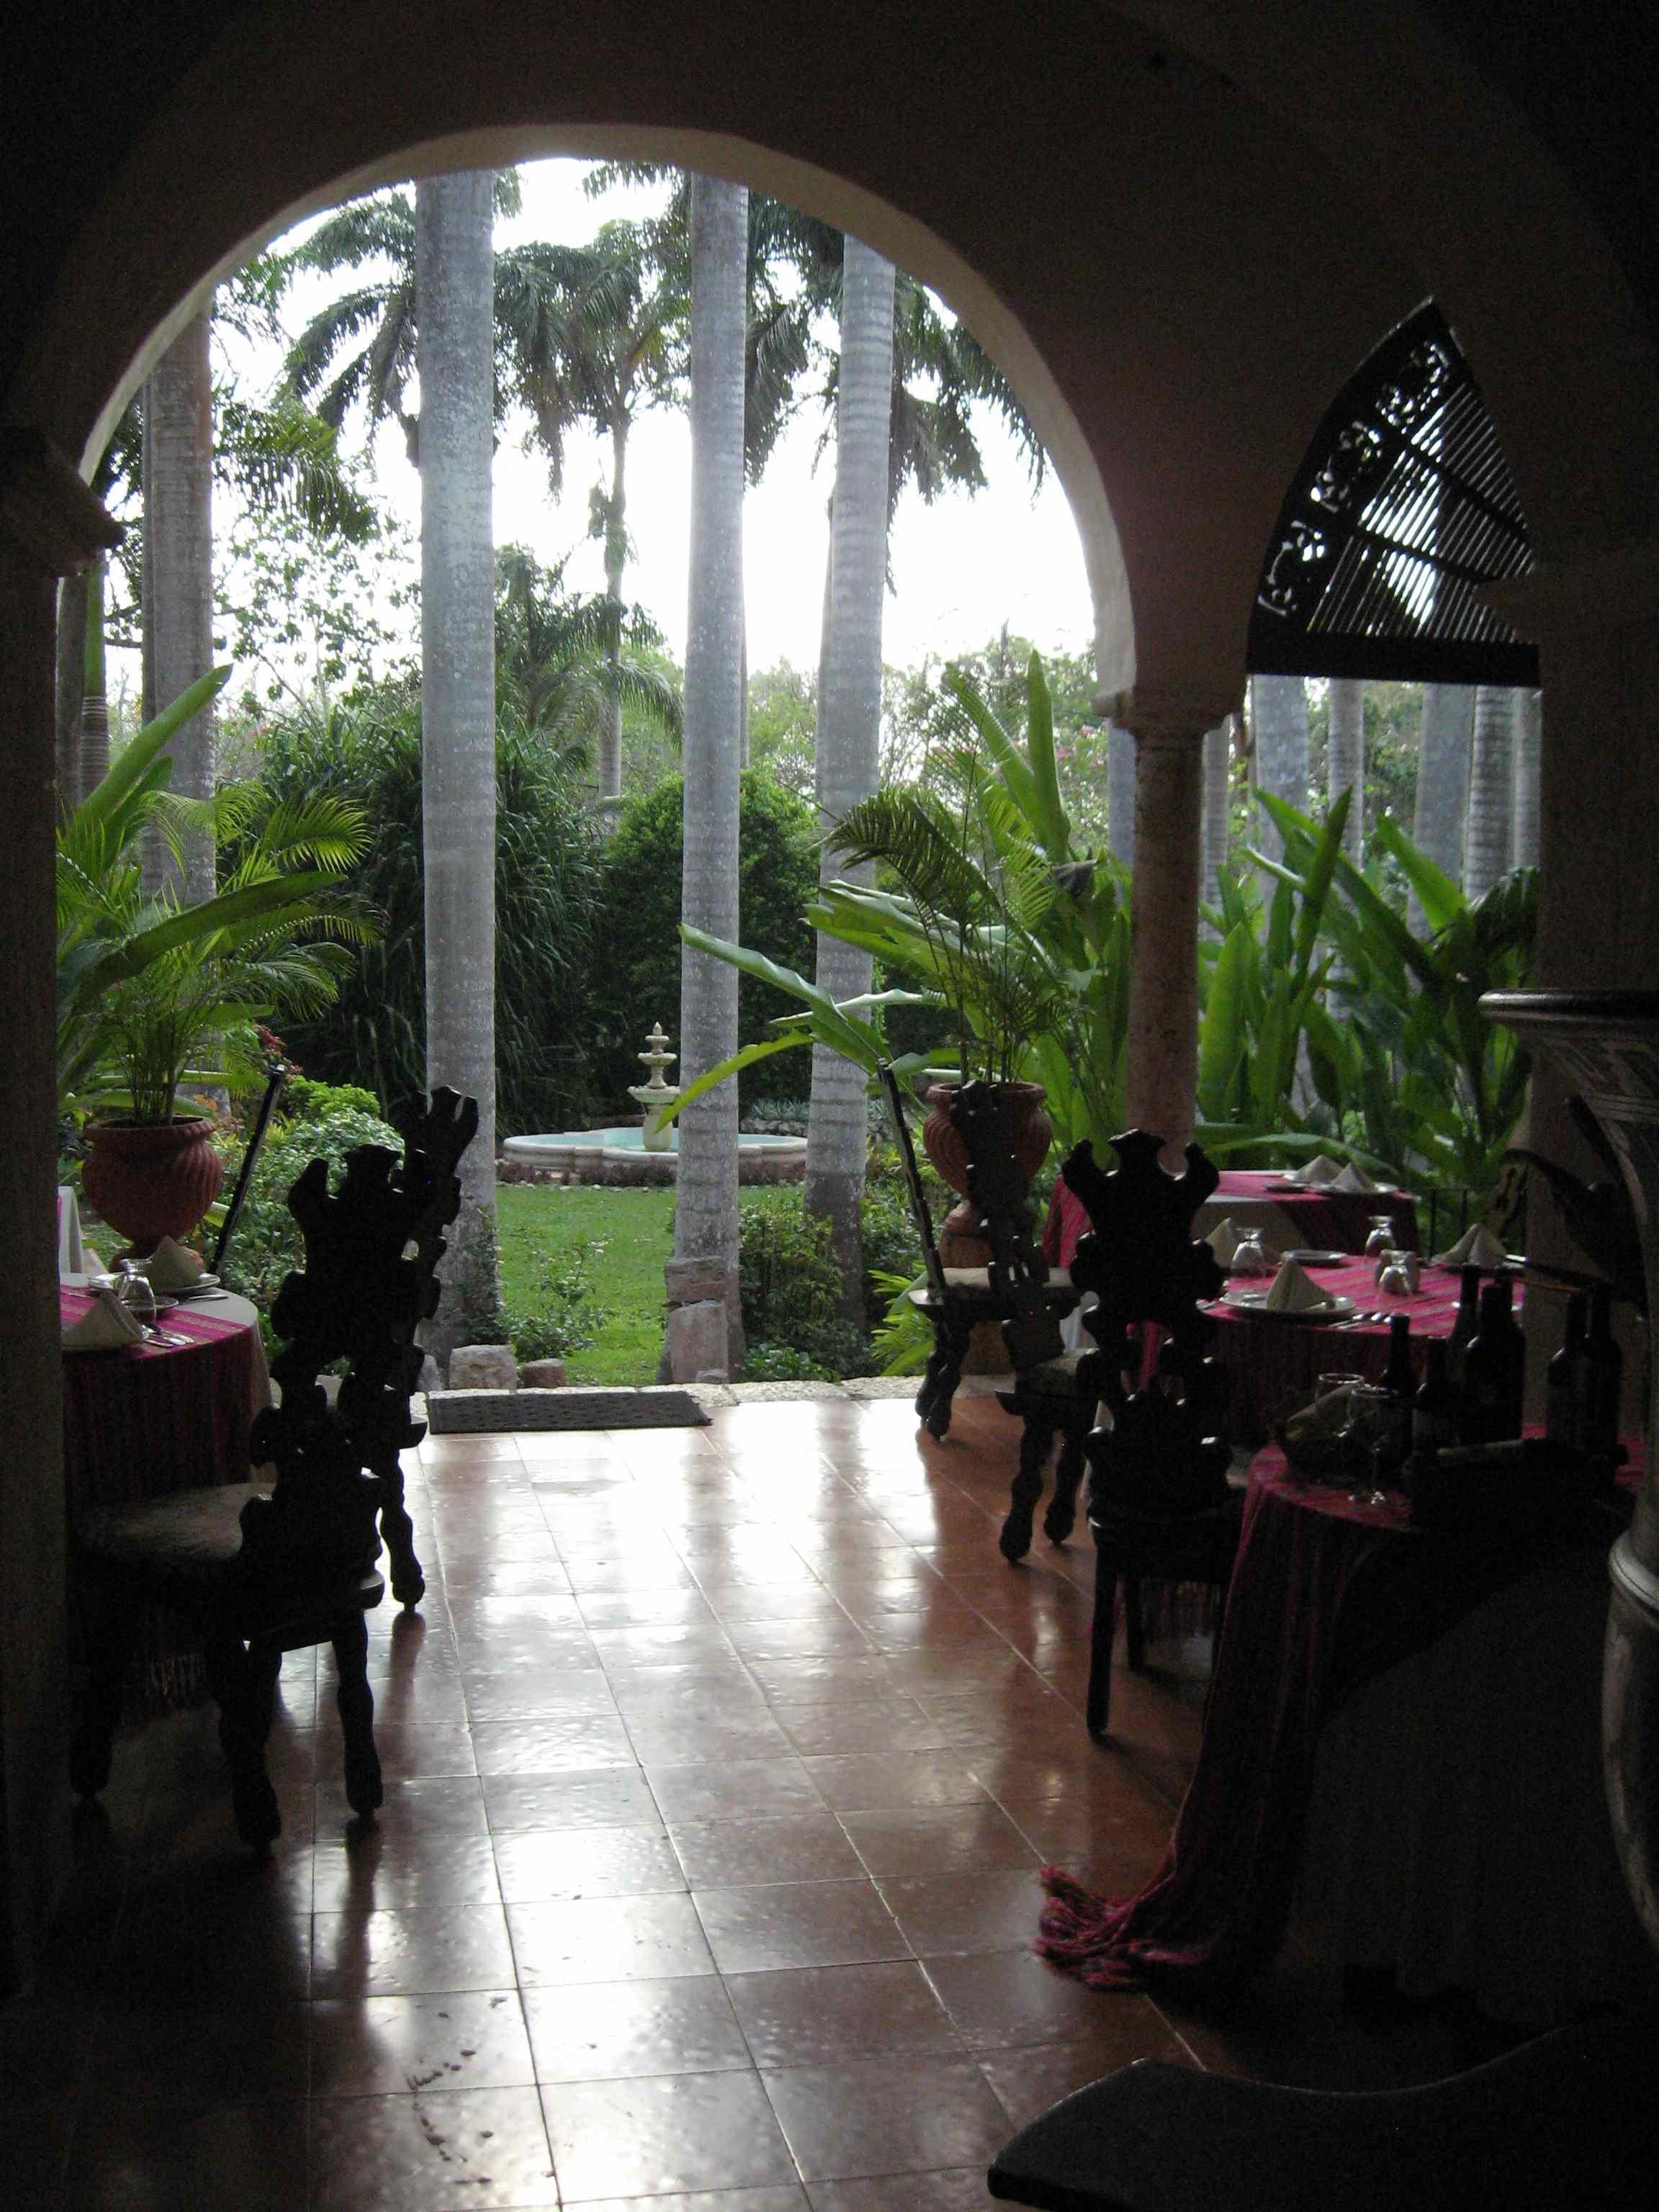 Portico at the Hacienda Chichén Itzá